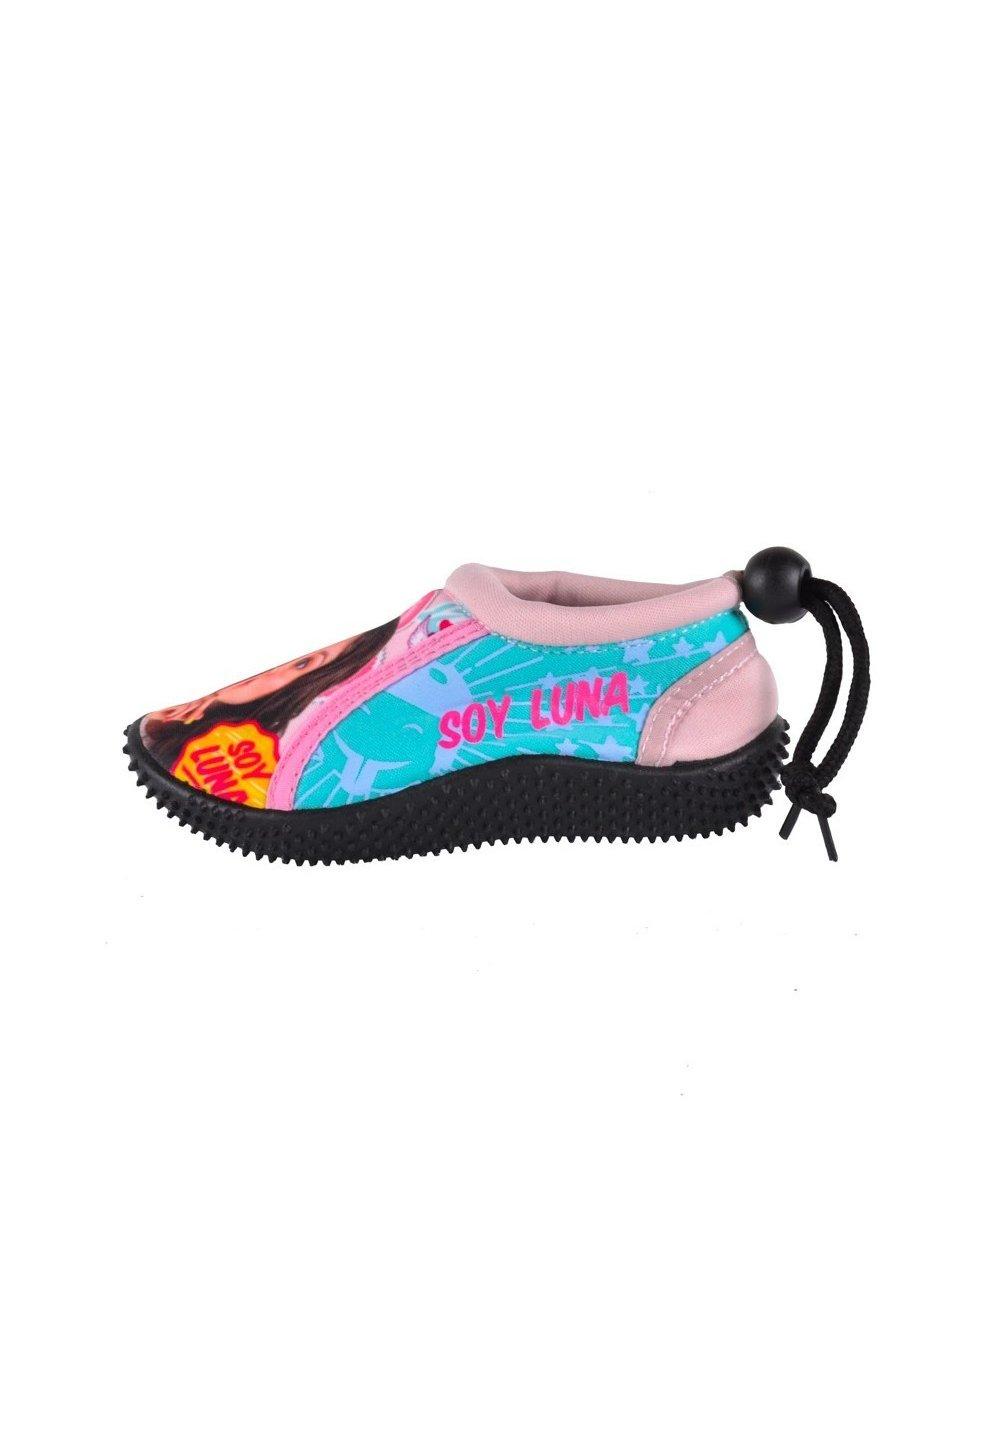 Pantofi pentru apa, Soy Luna imagine